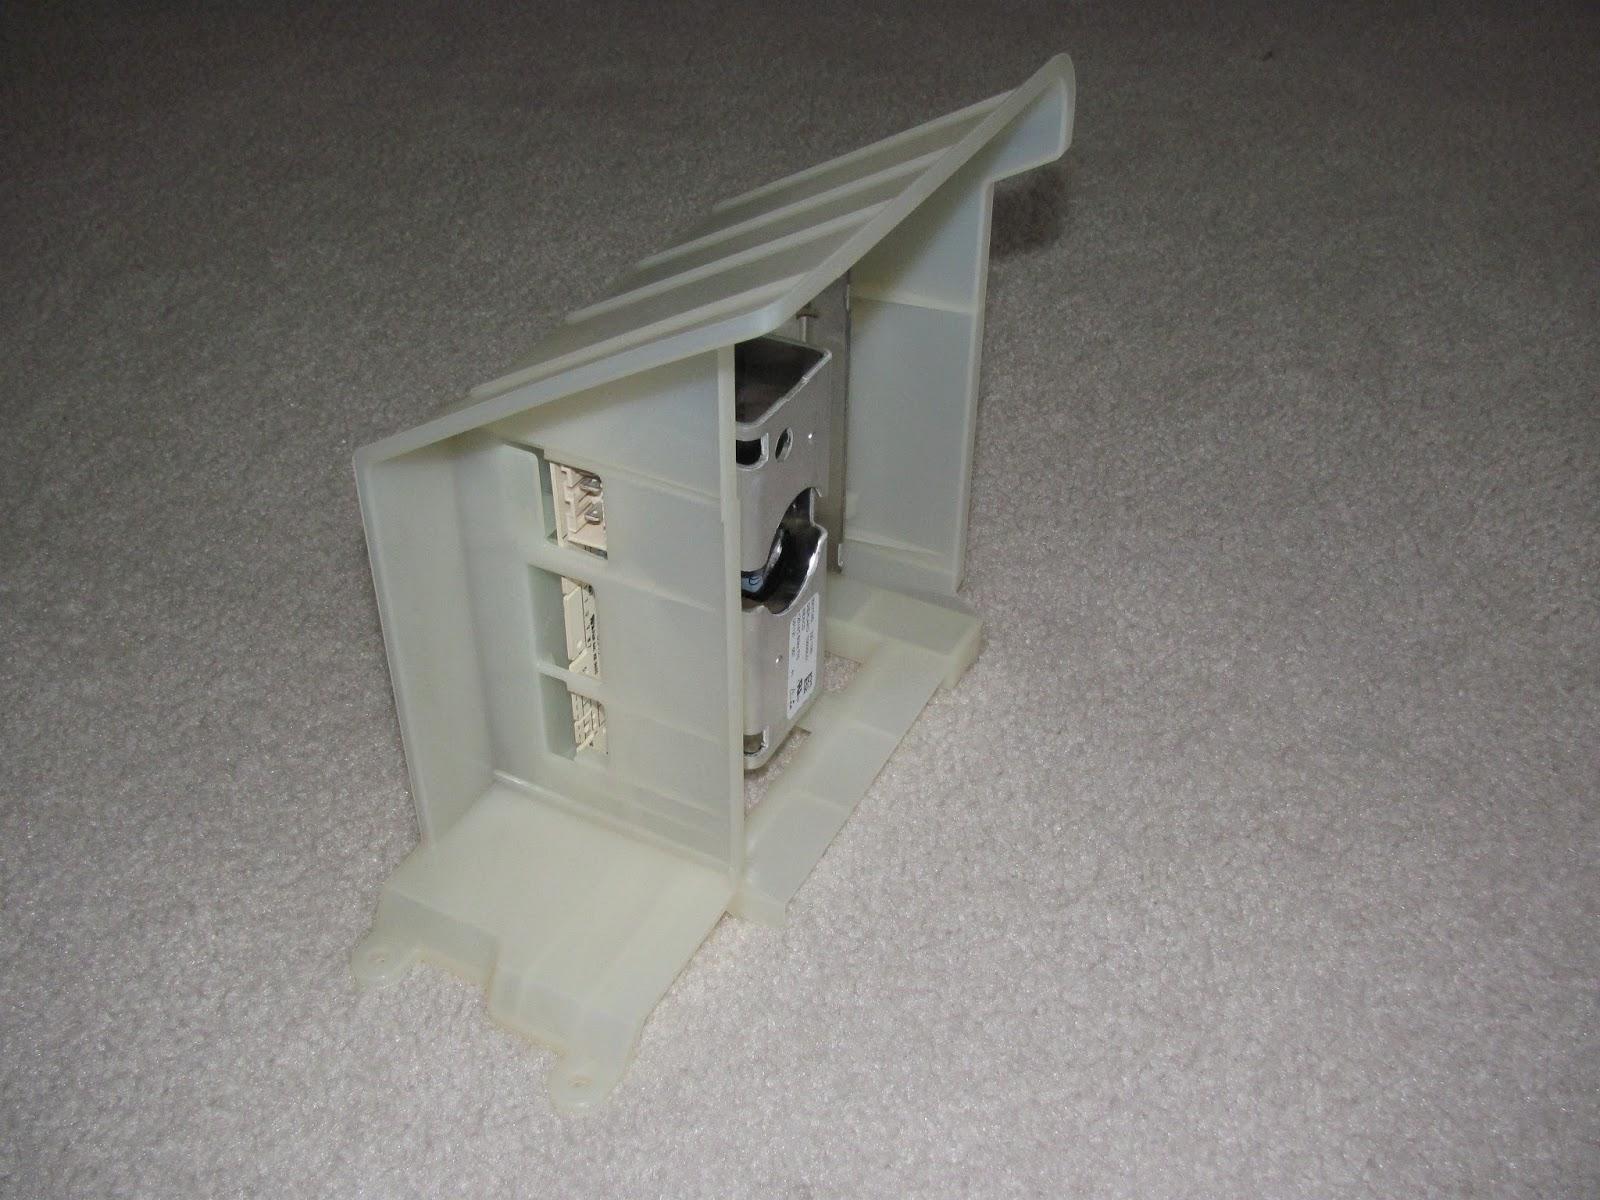 Maytag Appliance Parts 22004473 Motor Control Board LR error code